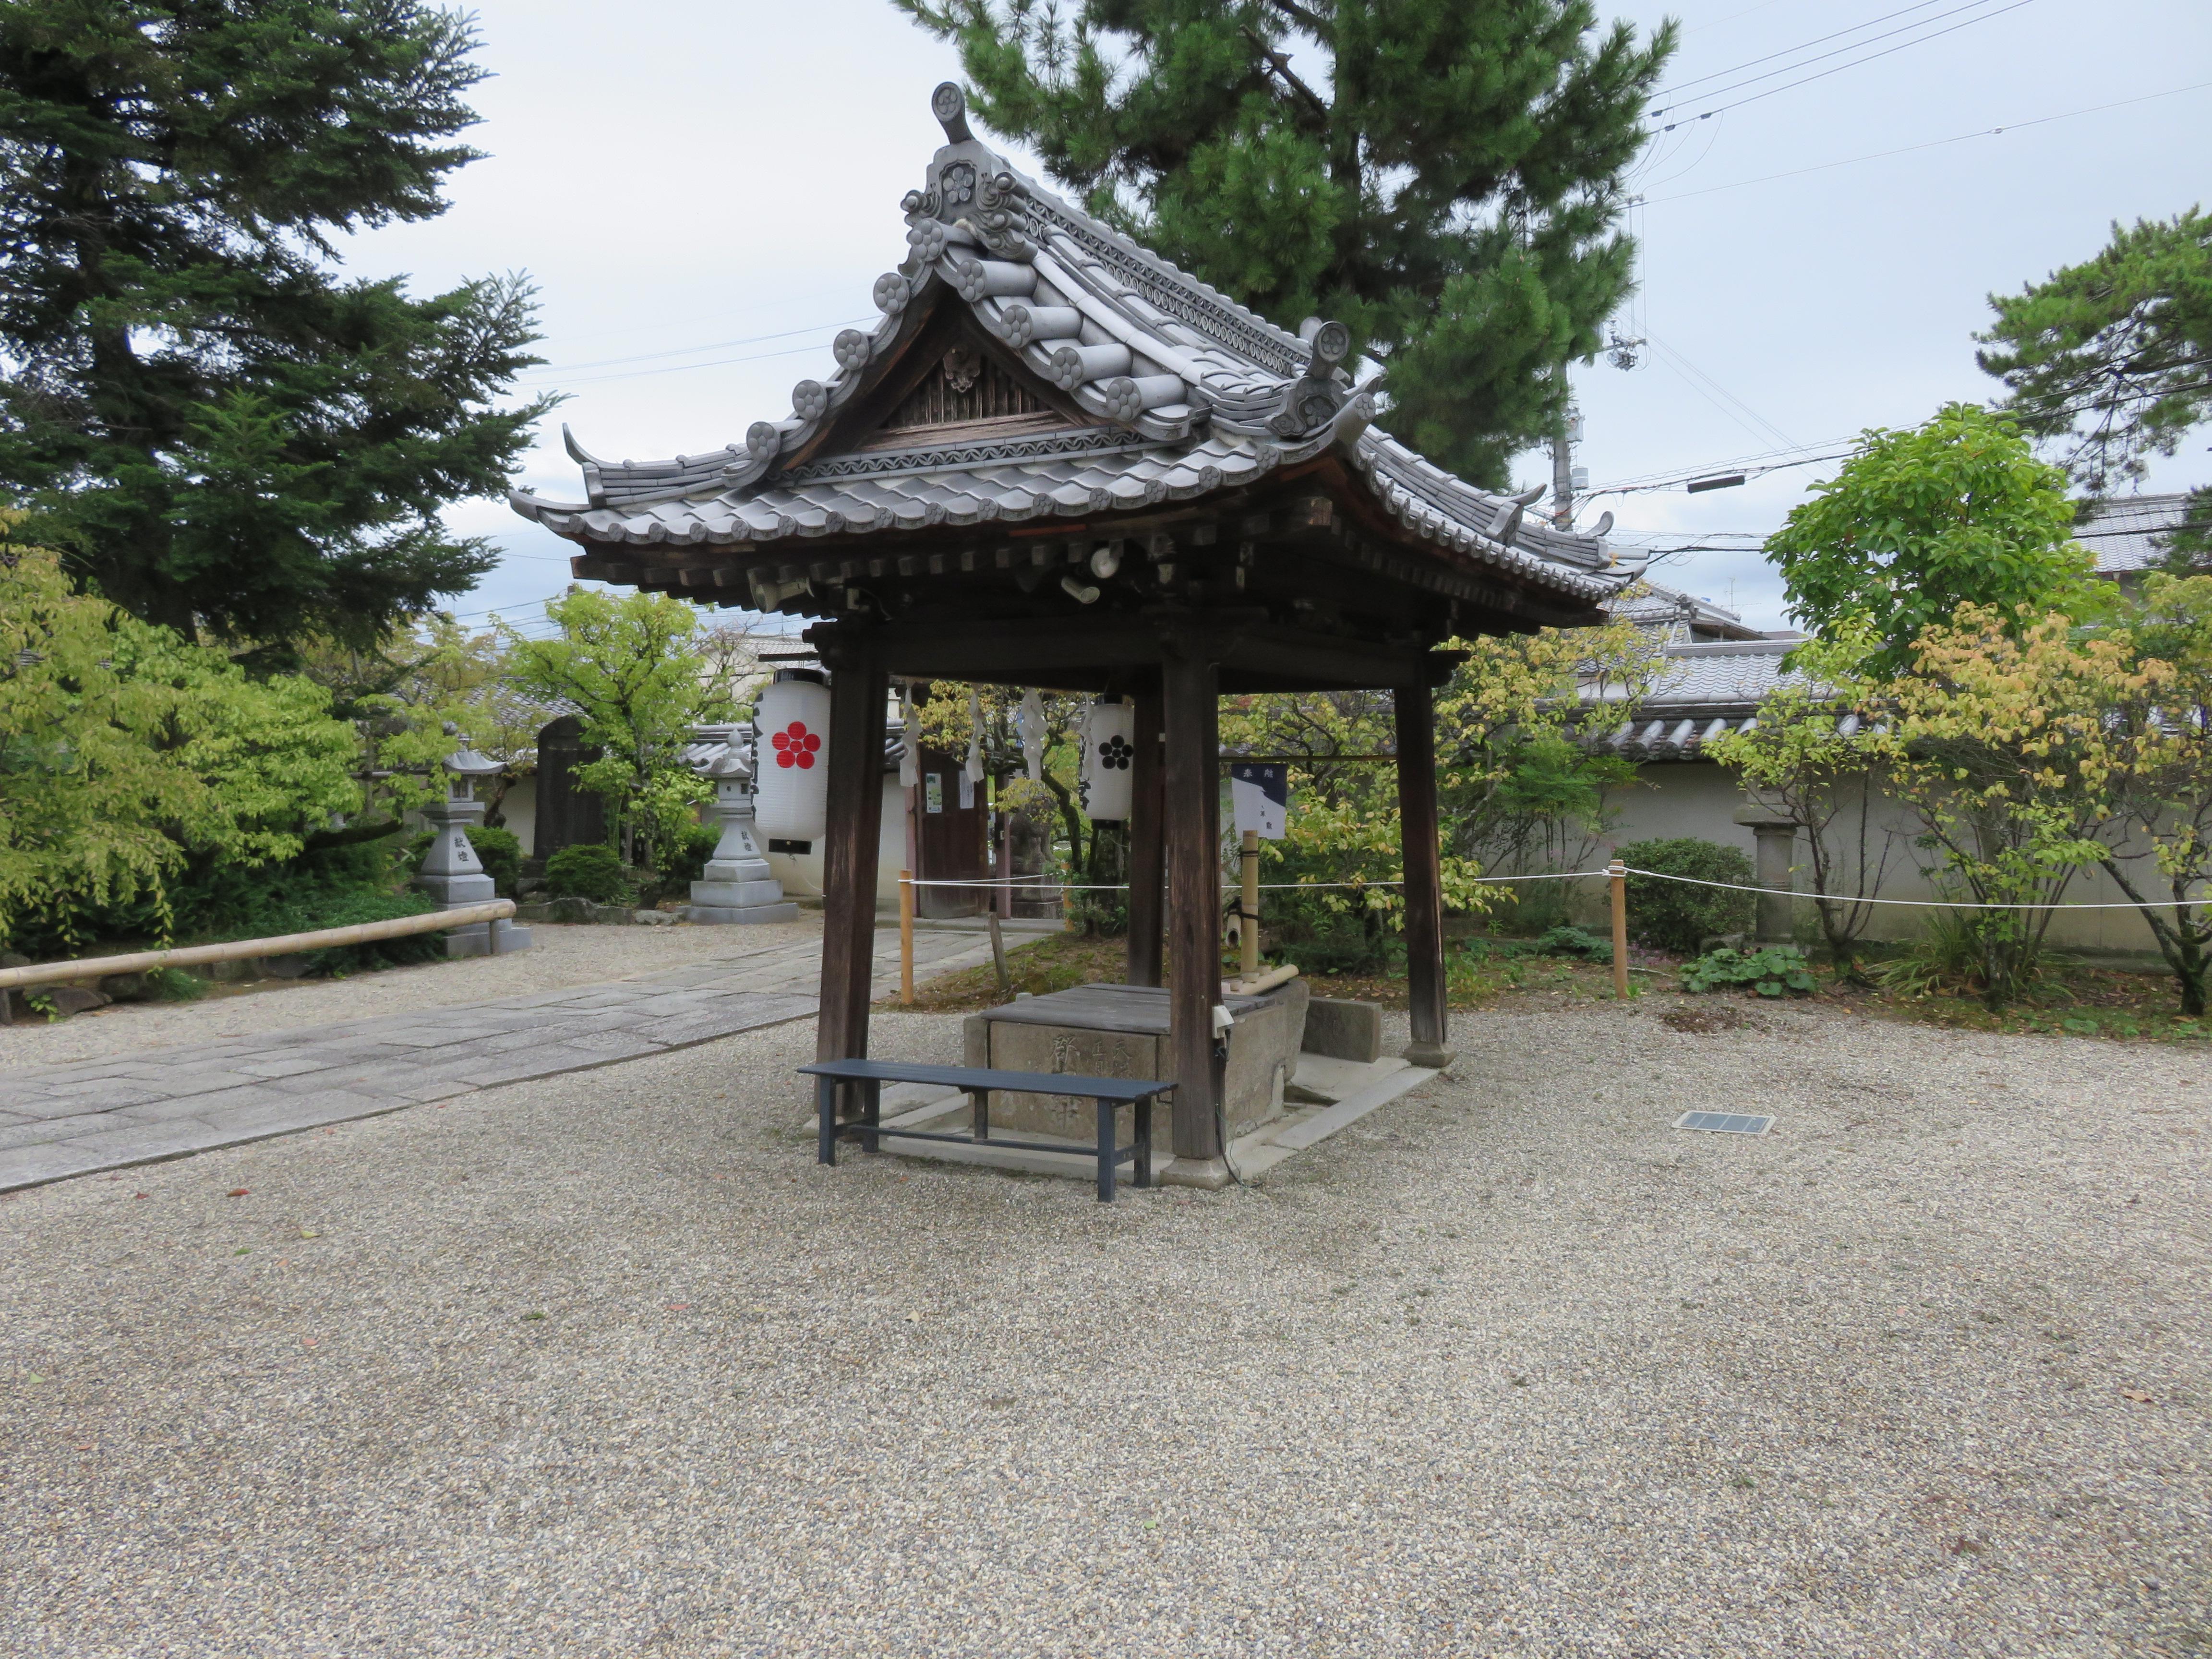 菅原天満宮(菅原神社)の建物その他